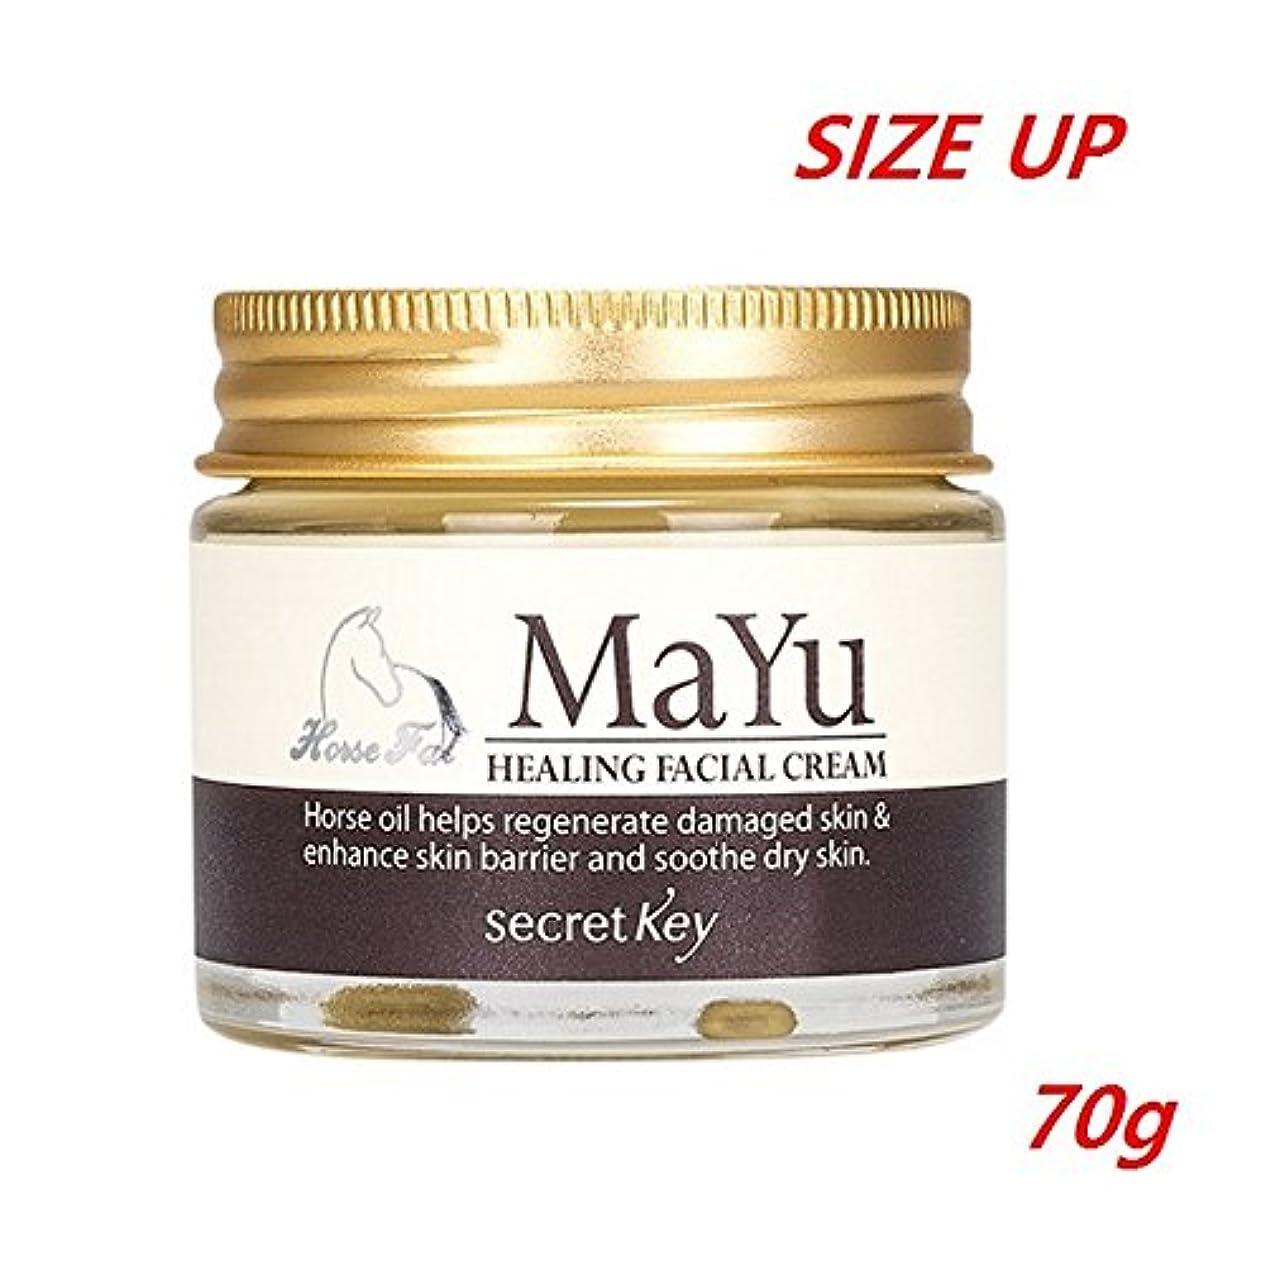 適度に寛大なフローティングシークレットキー 馬油 ヒーリング フェイシャル クリーム/Secret Key Mayu Healing Facial Cream 70g Size Up(50g to 70g Up Grade) [並行輸入品]